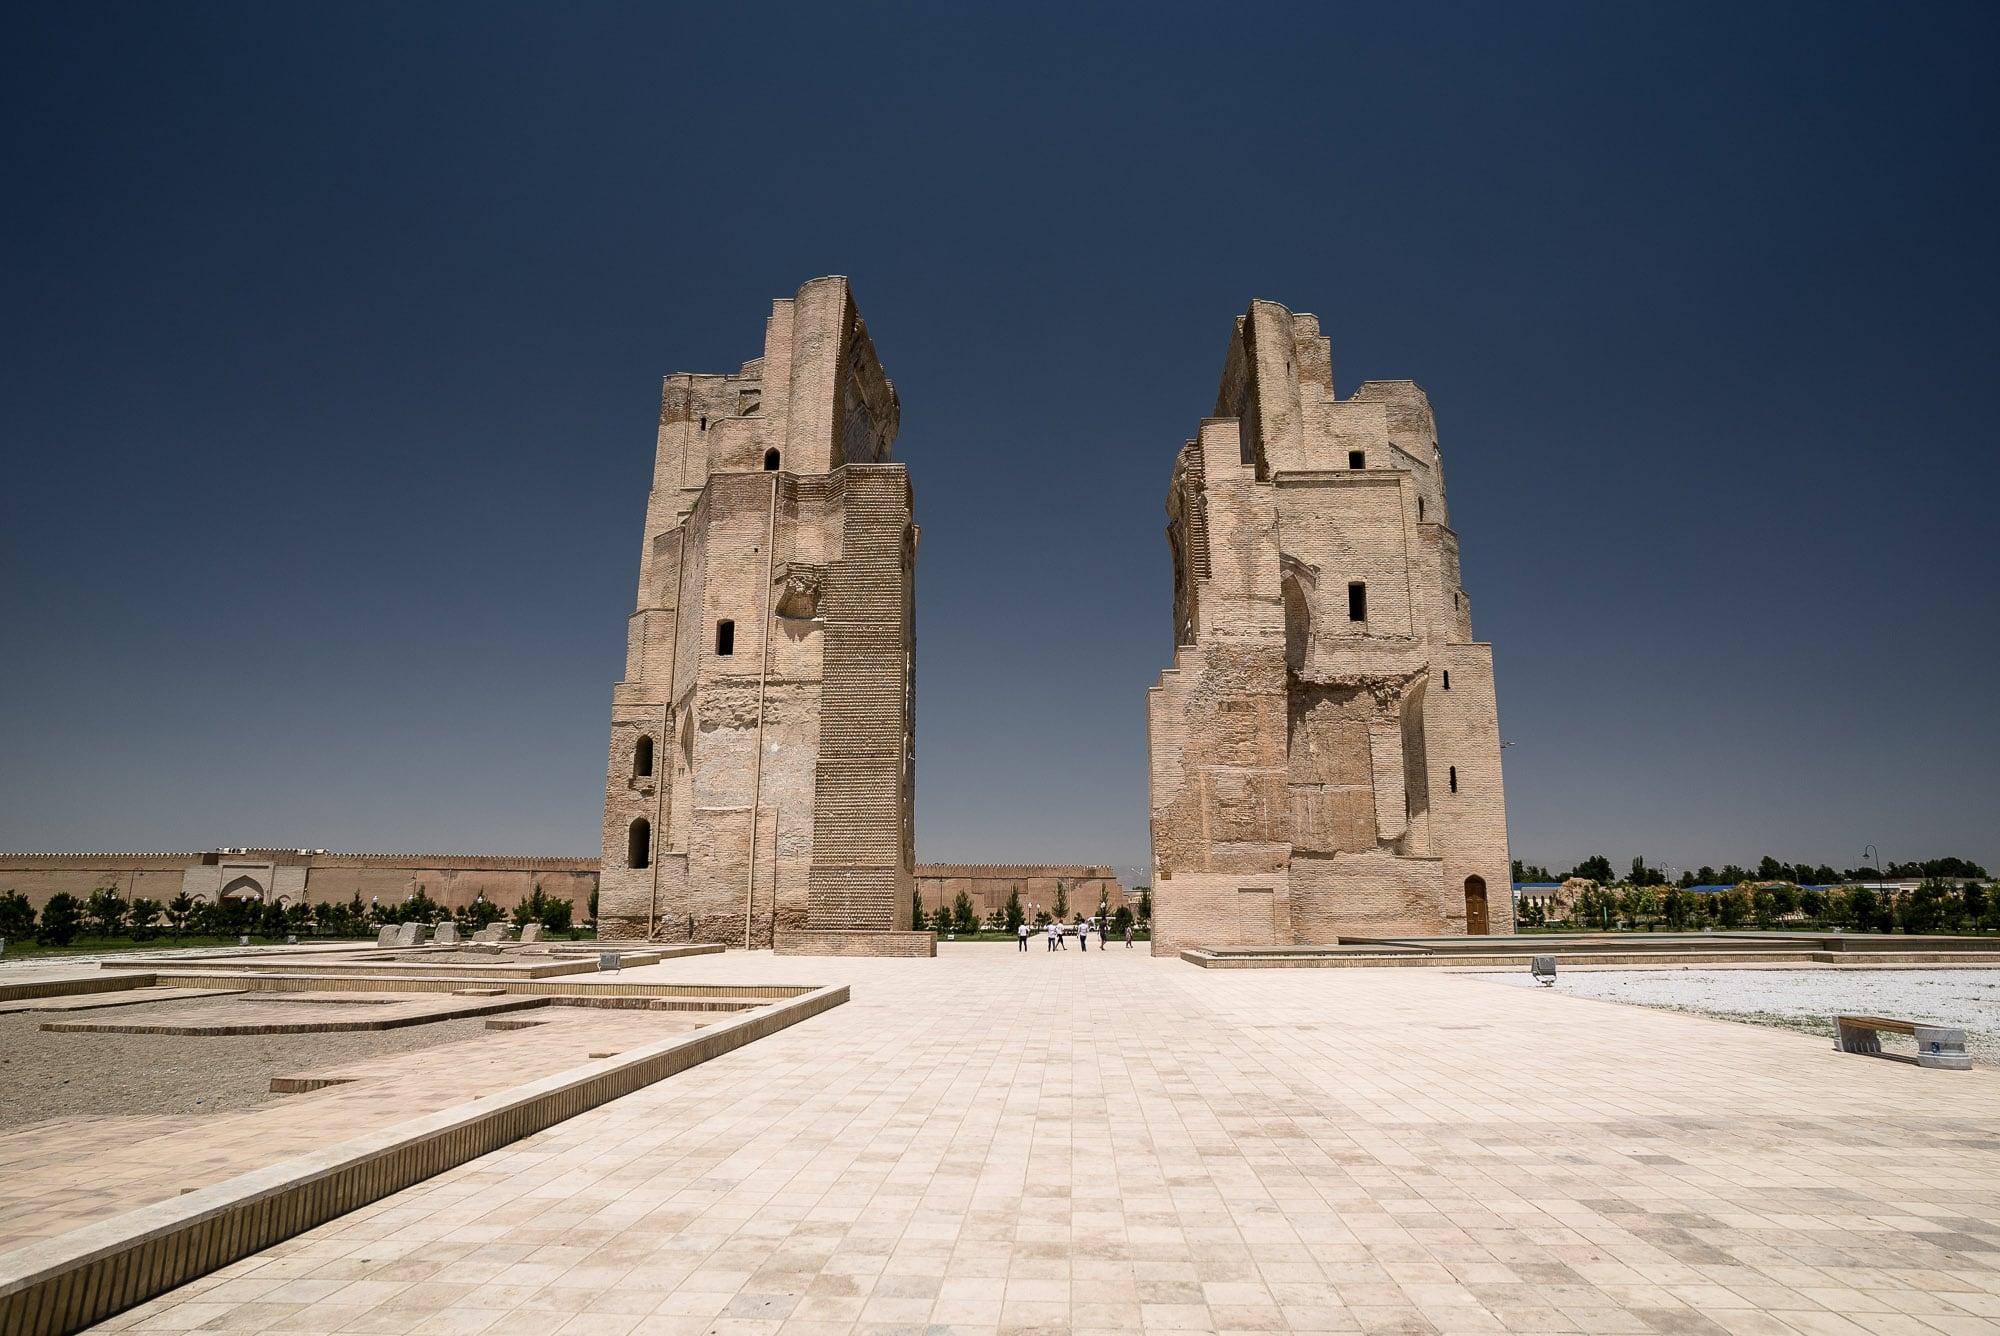 Ak-Saray Palace Ruins